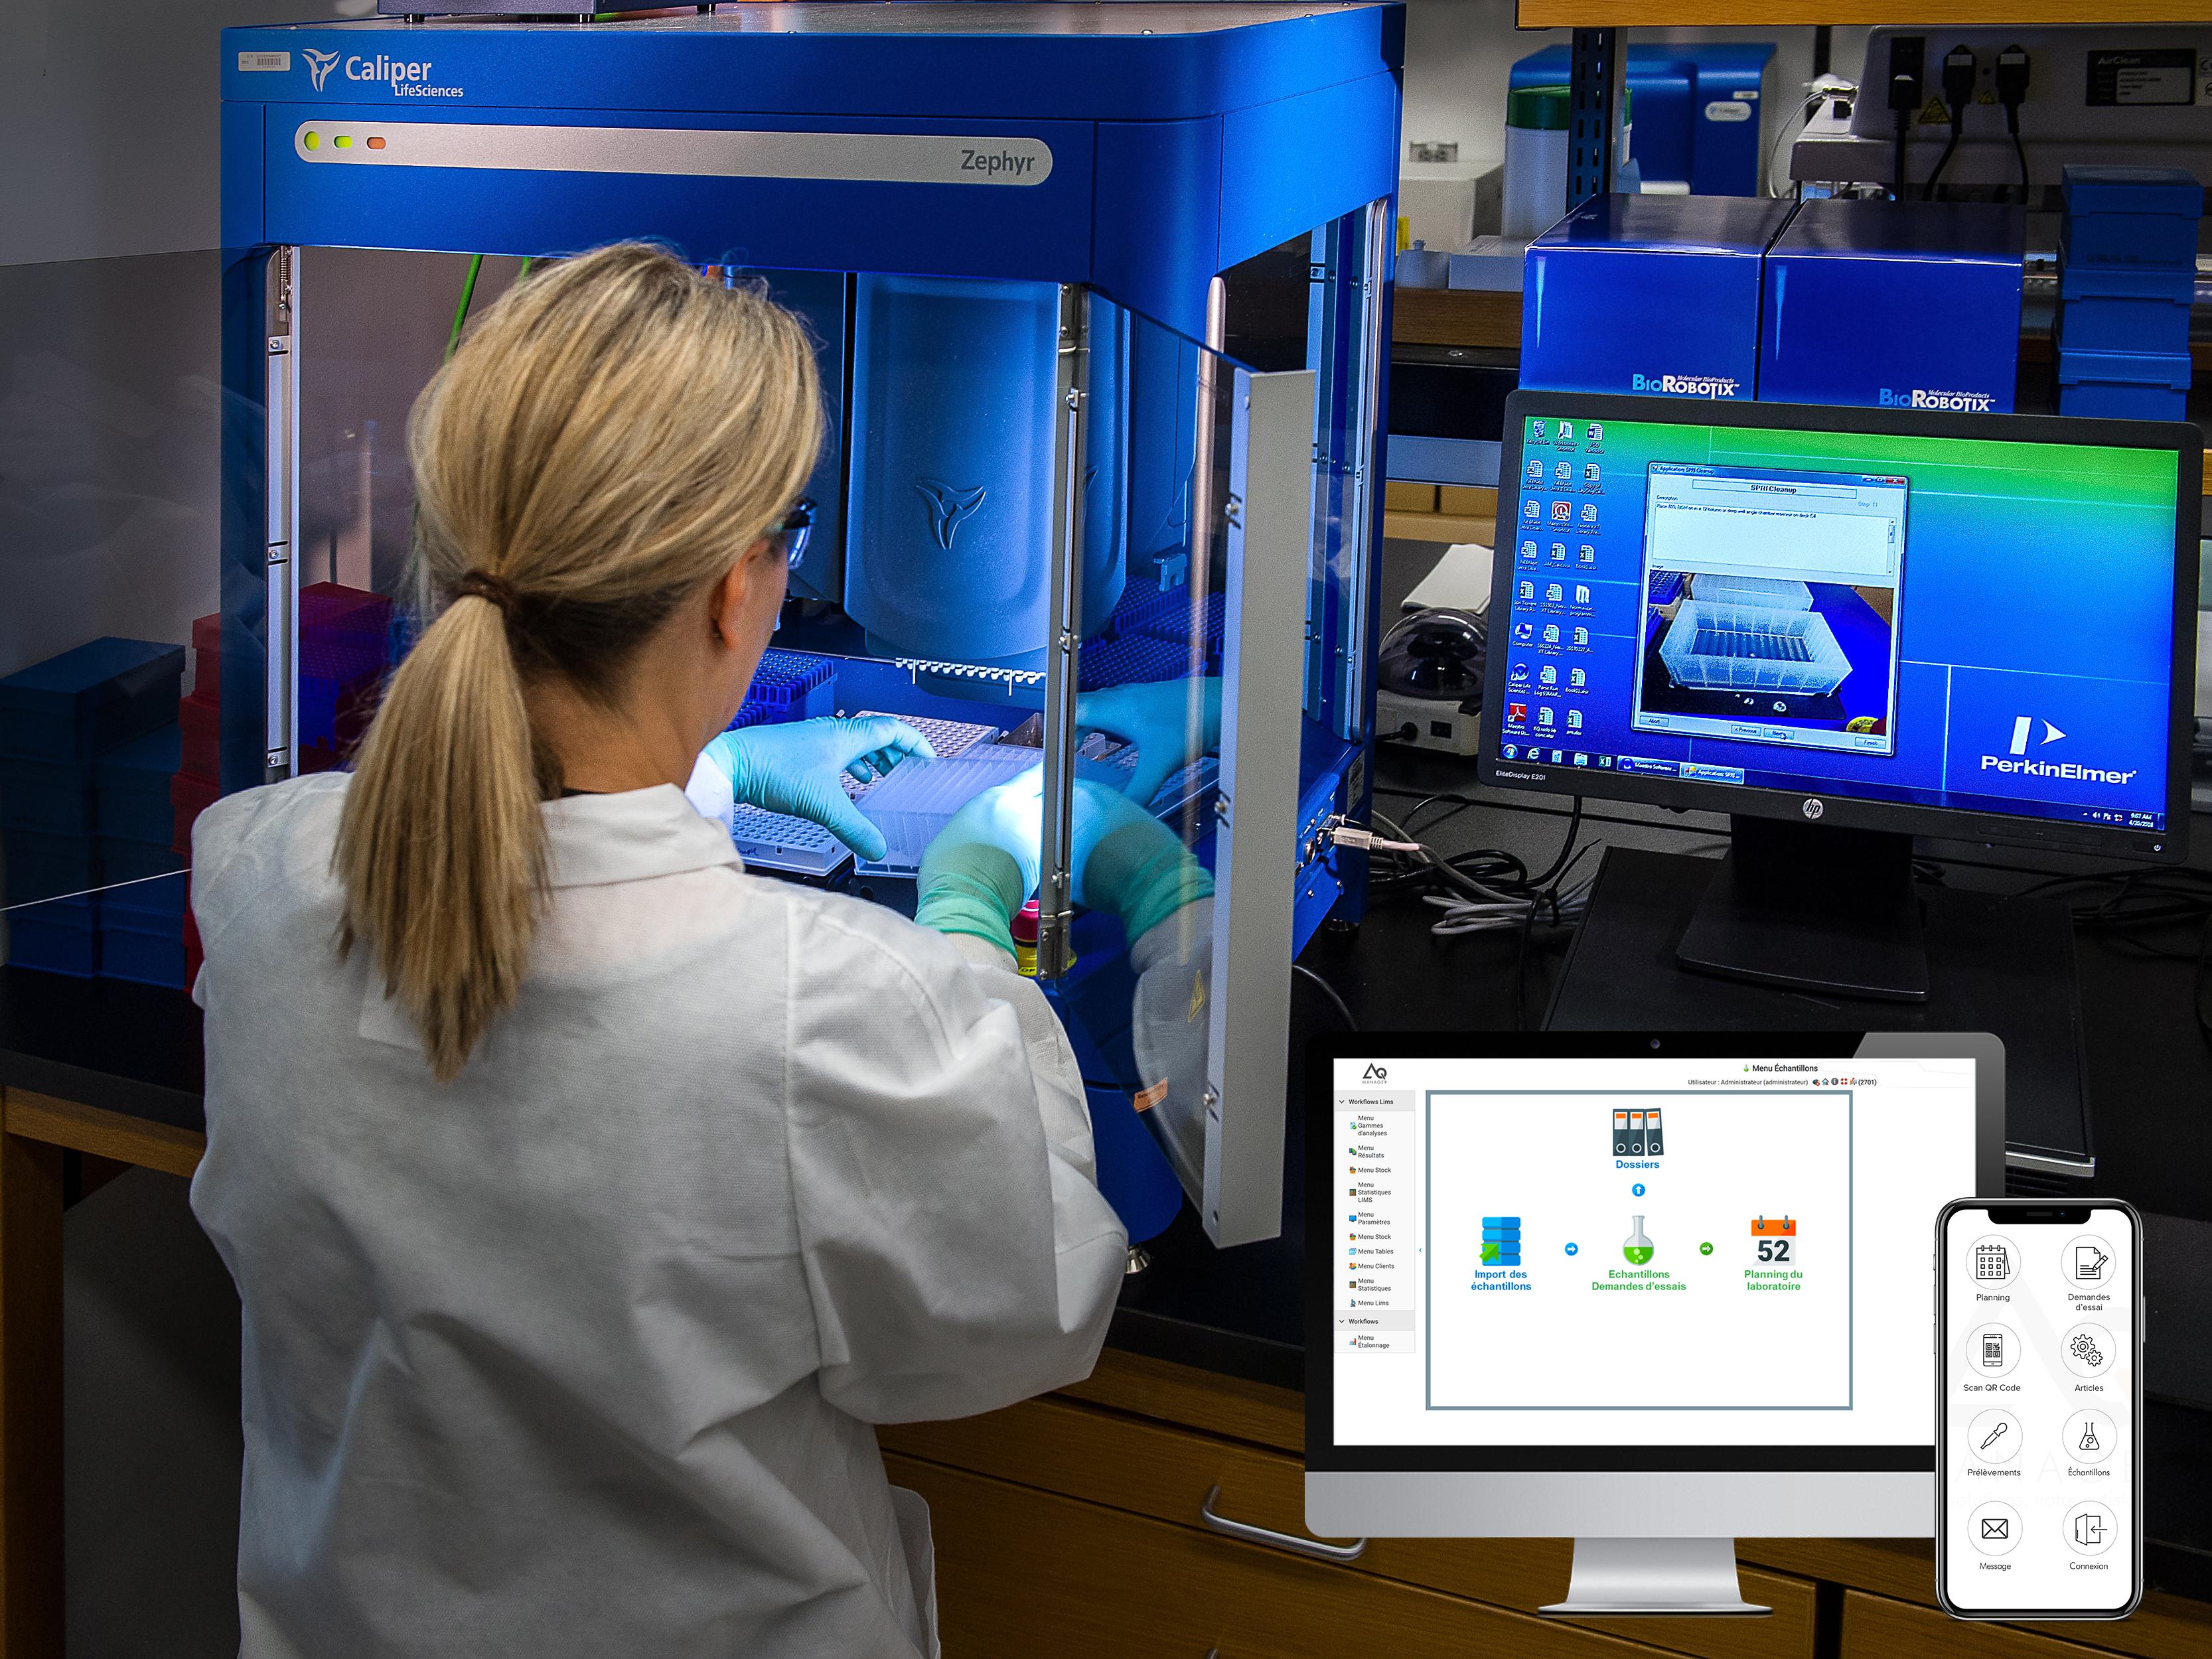 Logiciel pour laboratoire : 10 critères qui détermineront la qualité de celui-ci